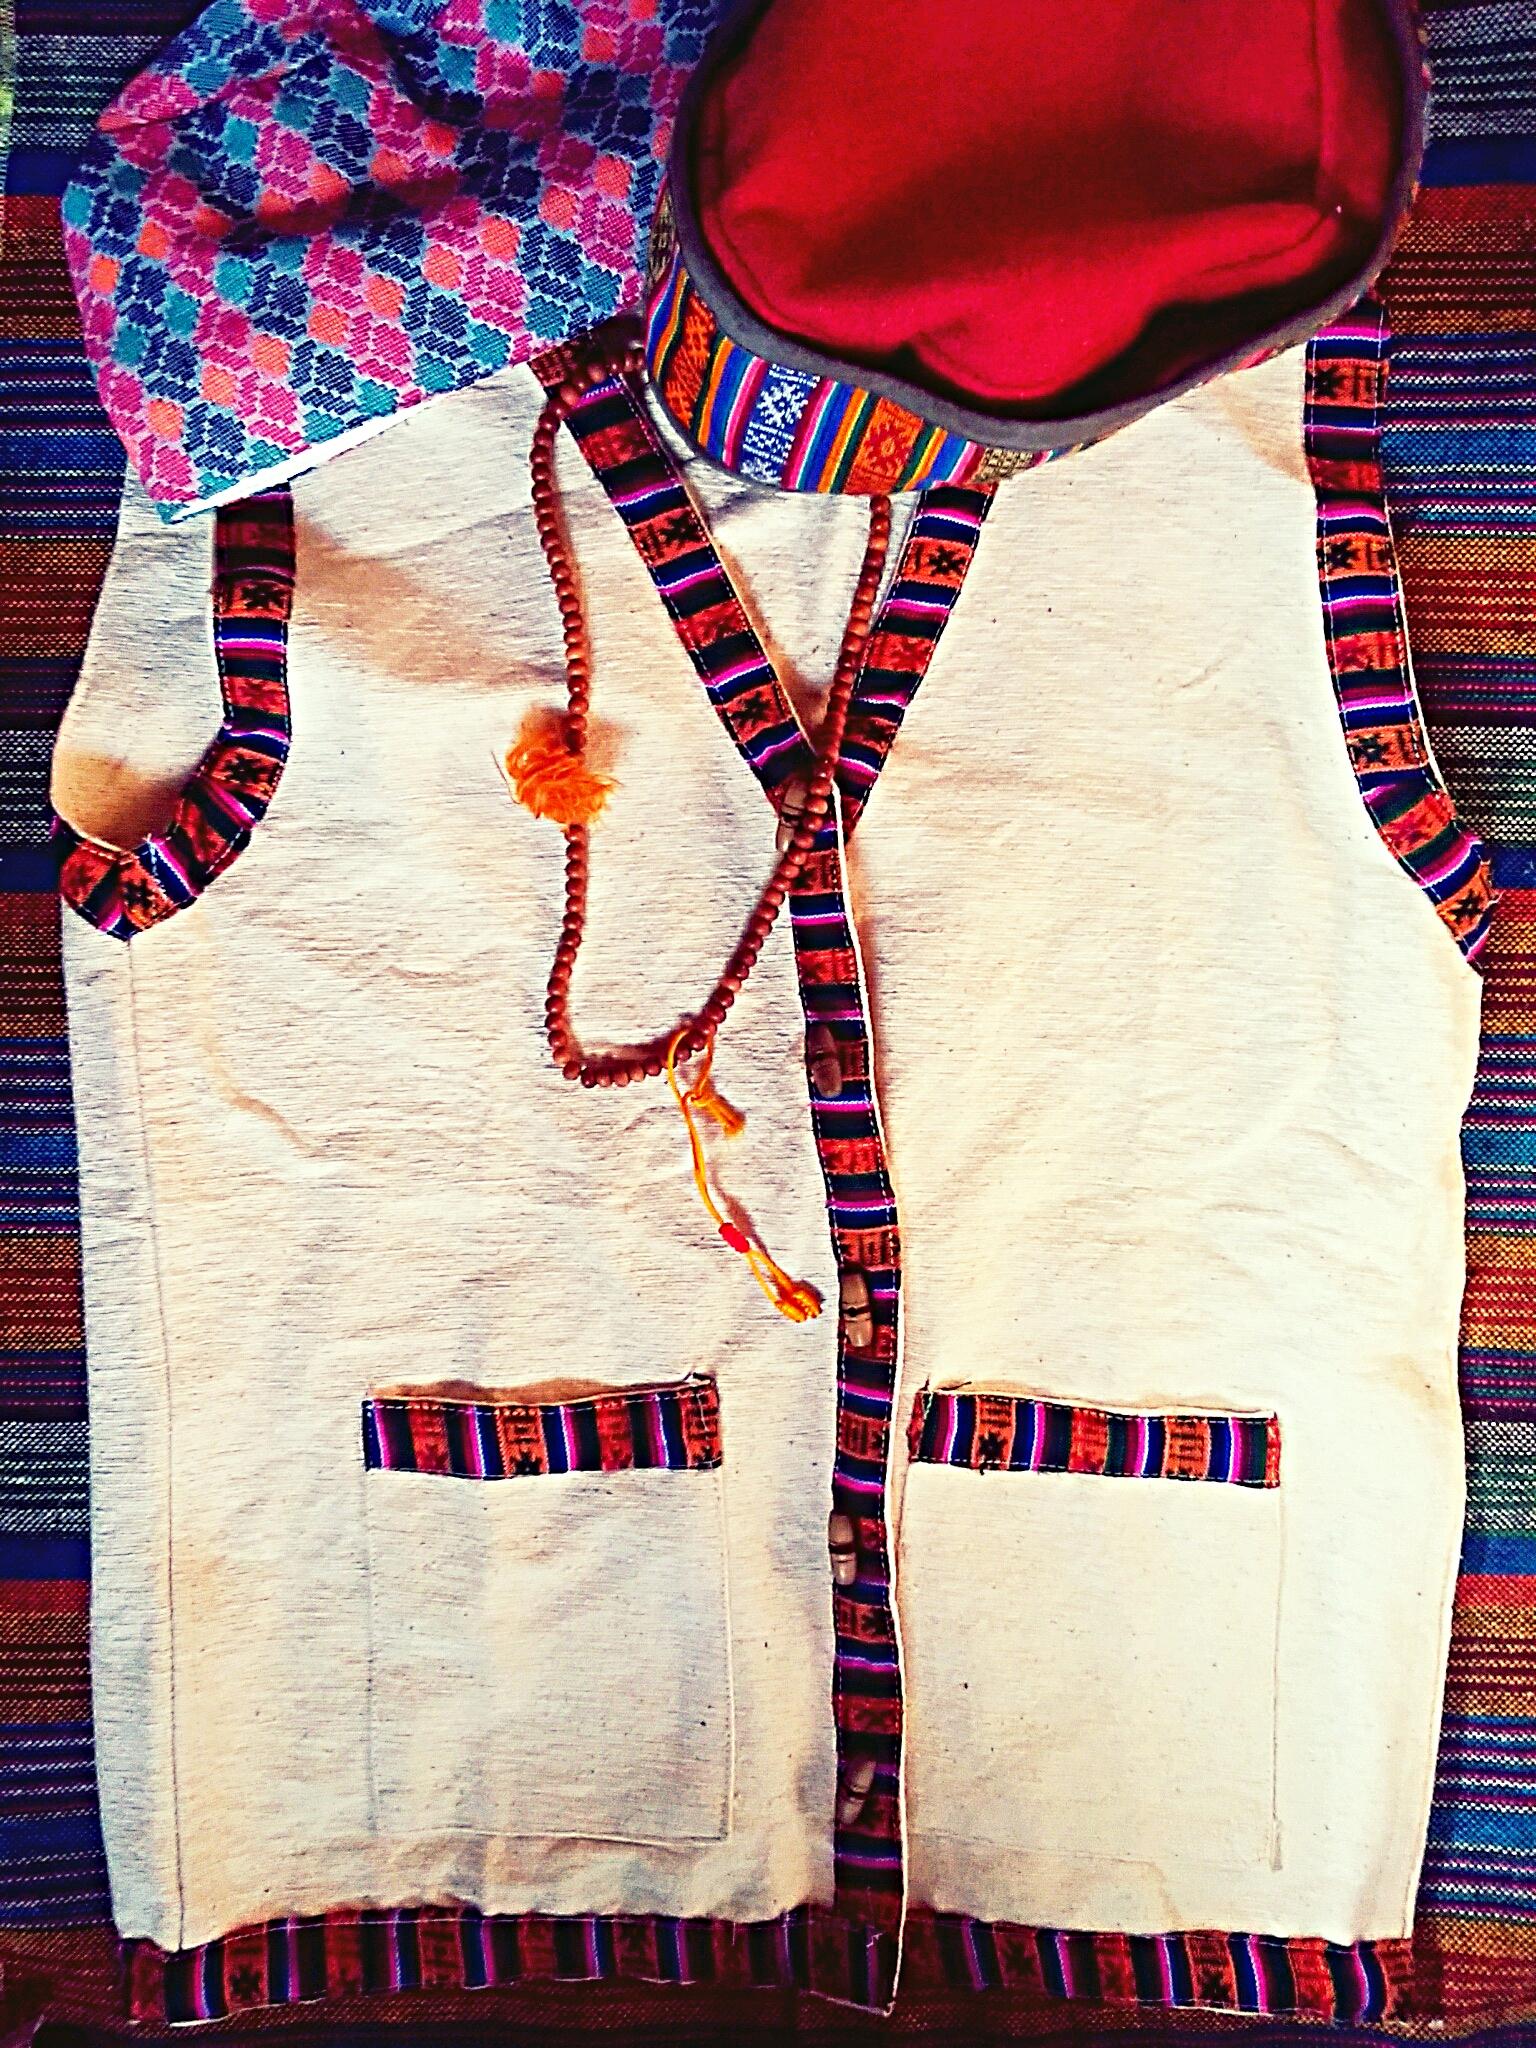 【注目】創作衣裳の参考にして欲しいチベットの民族衣装や発想方法とは?